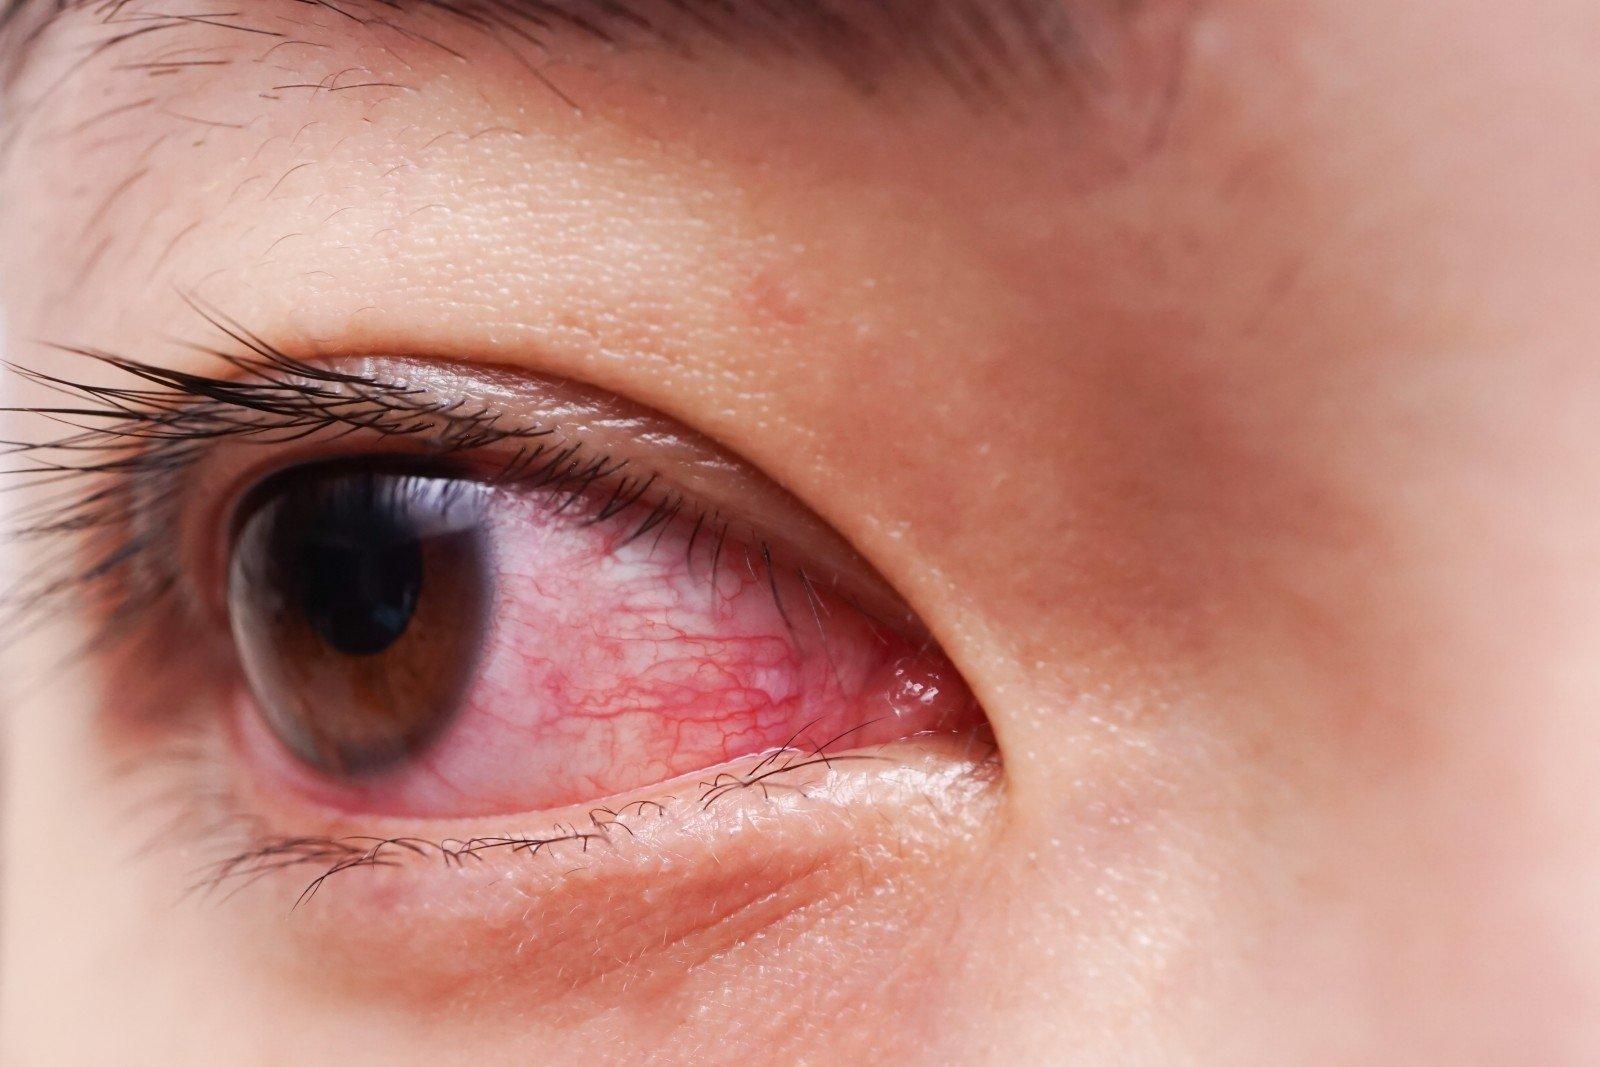 Kaip deginti akių riebalus, Riebalų deginimas: 12 pagrindinių taisyklių, kaip numesti svorio